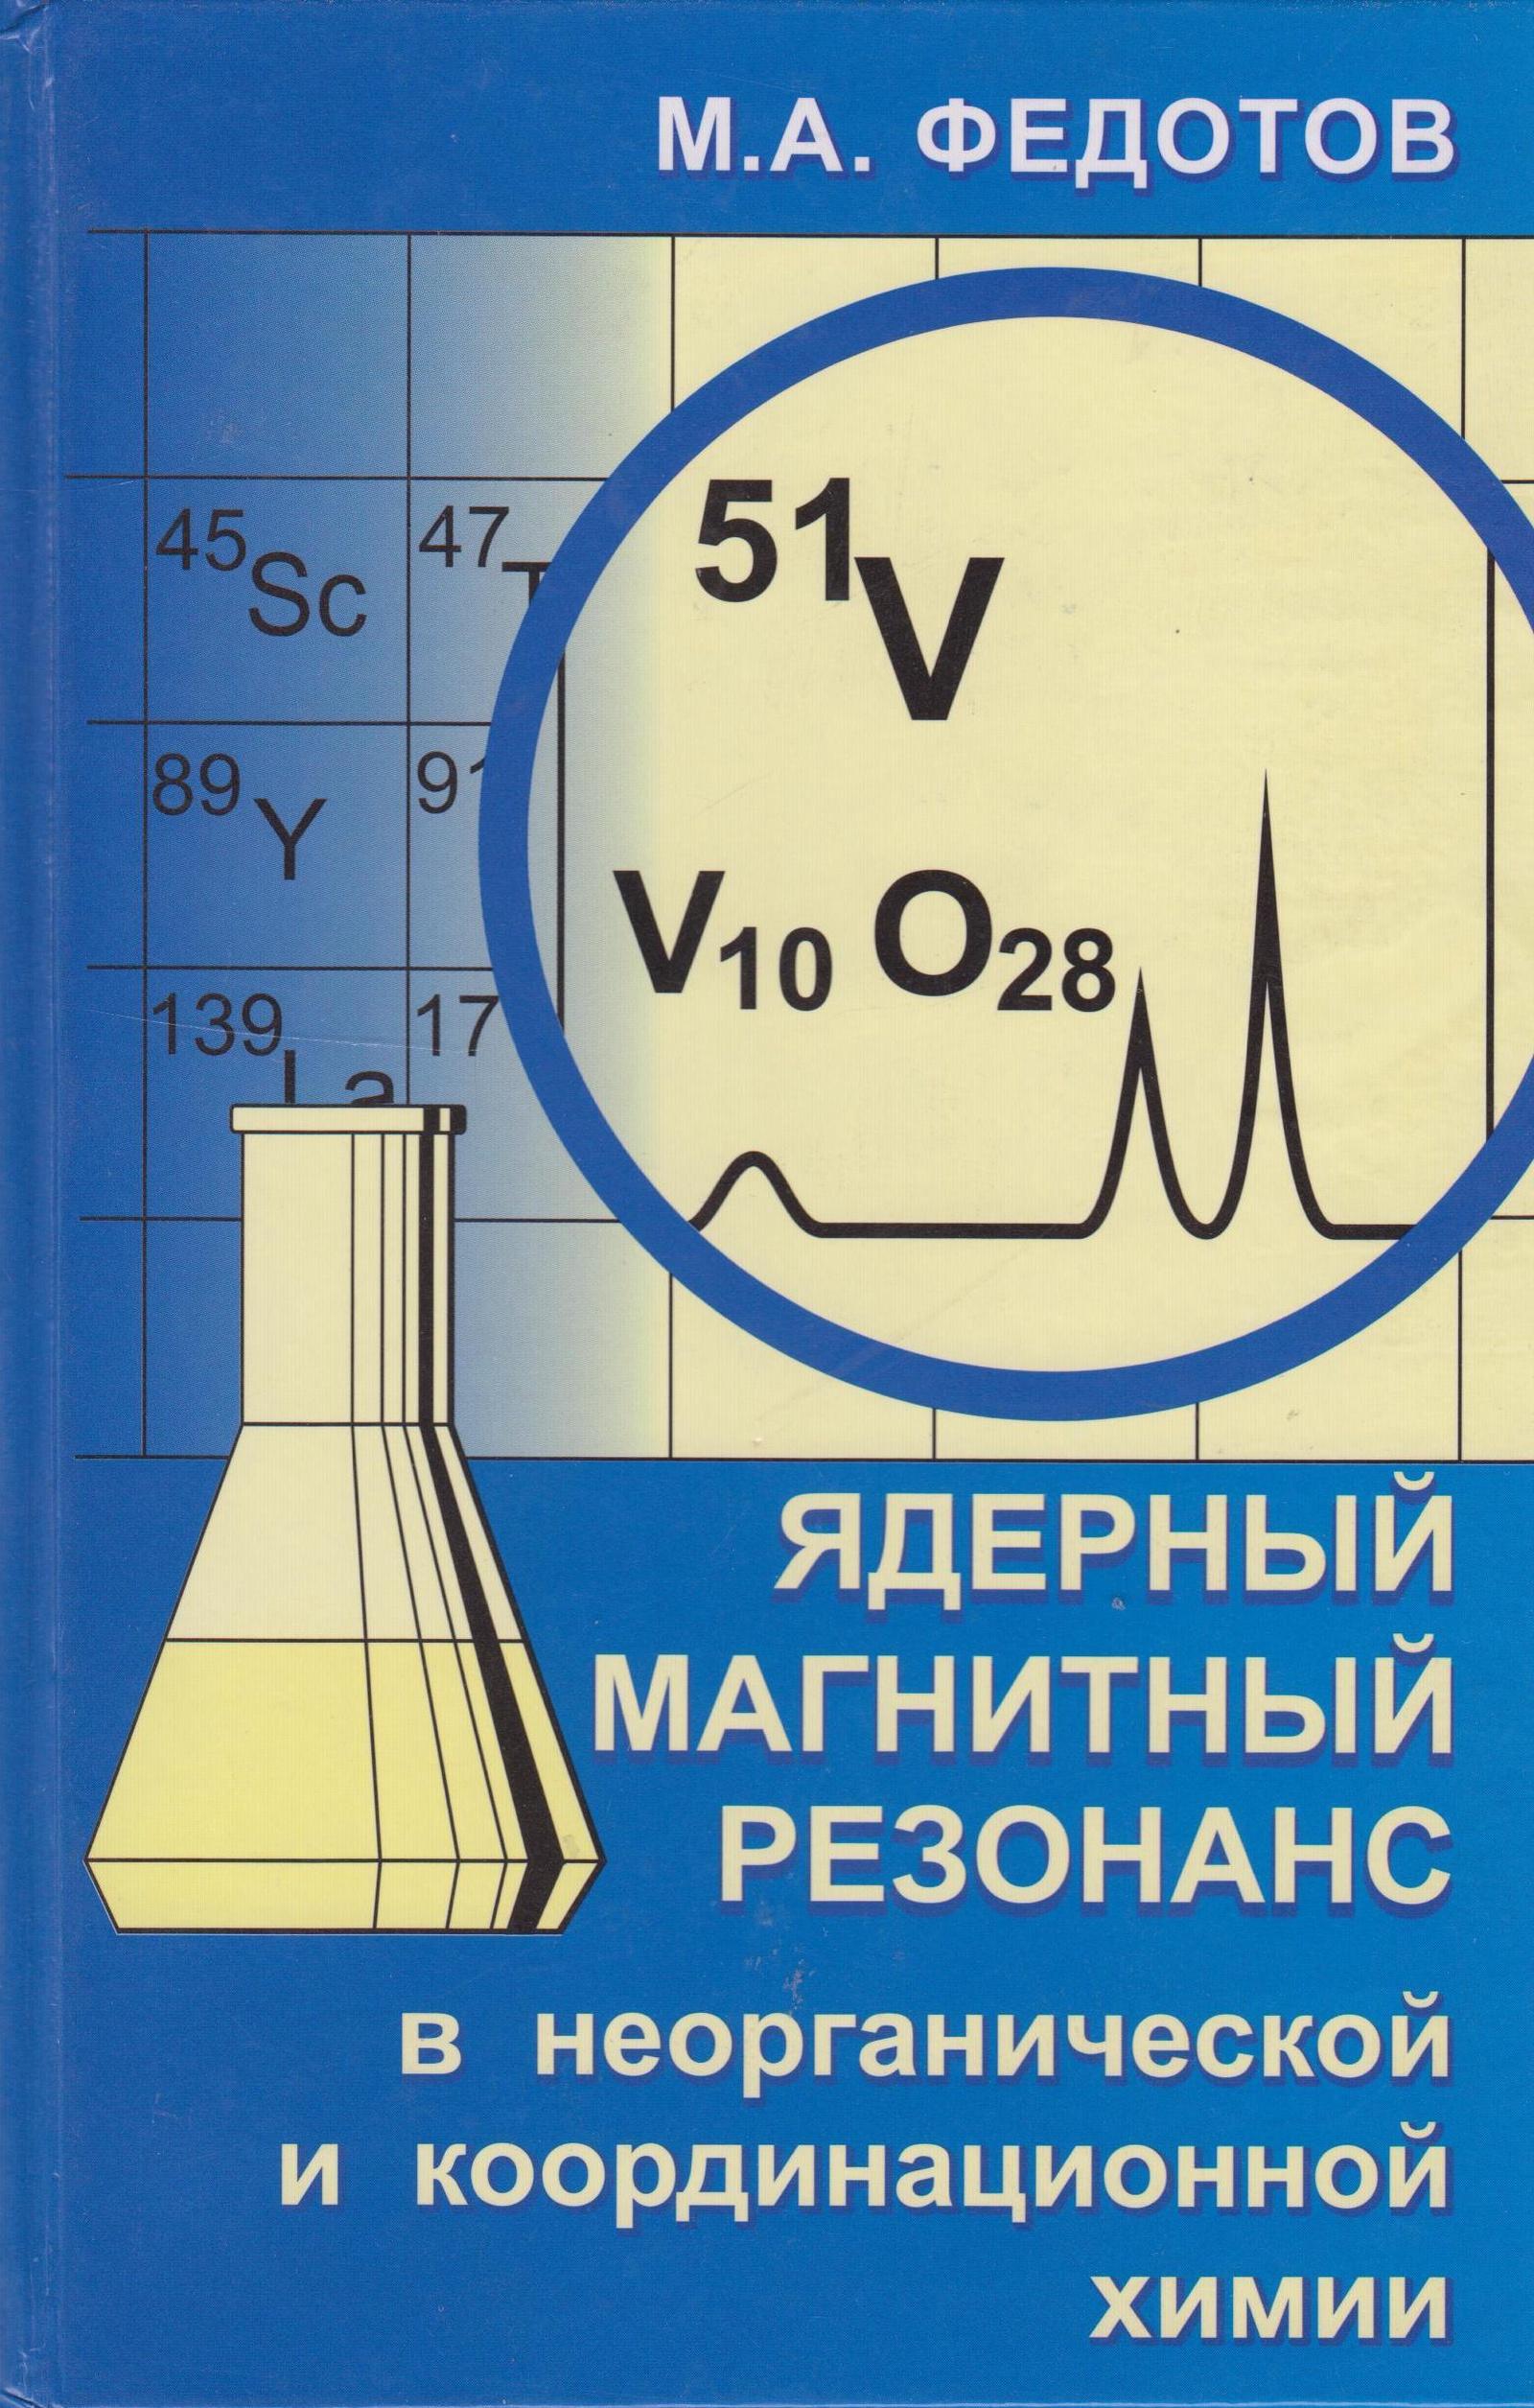 Федотов Мартин Александрович Ядерный магнитный резонанс в неорганической и координационной химии (растворы и жидкости)